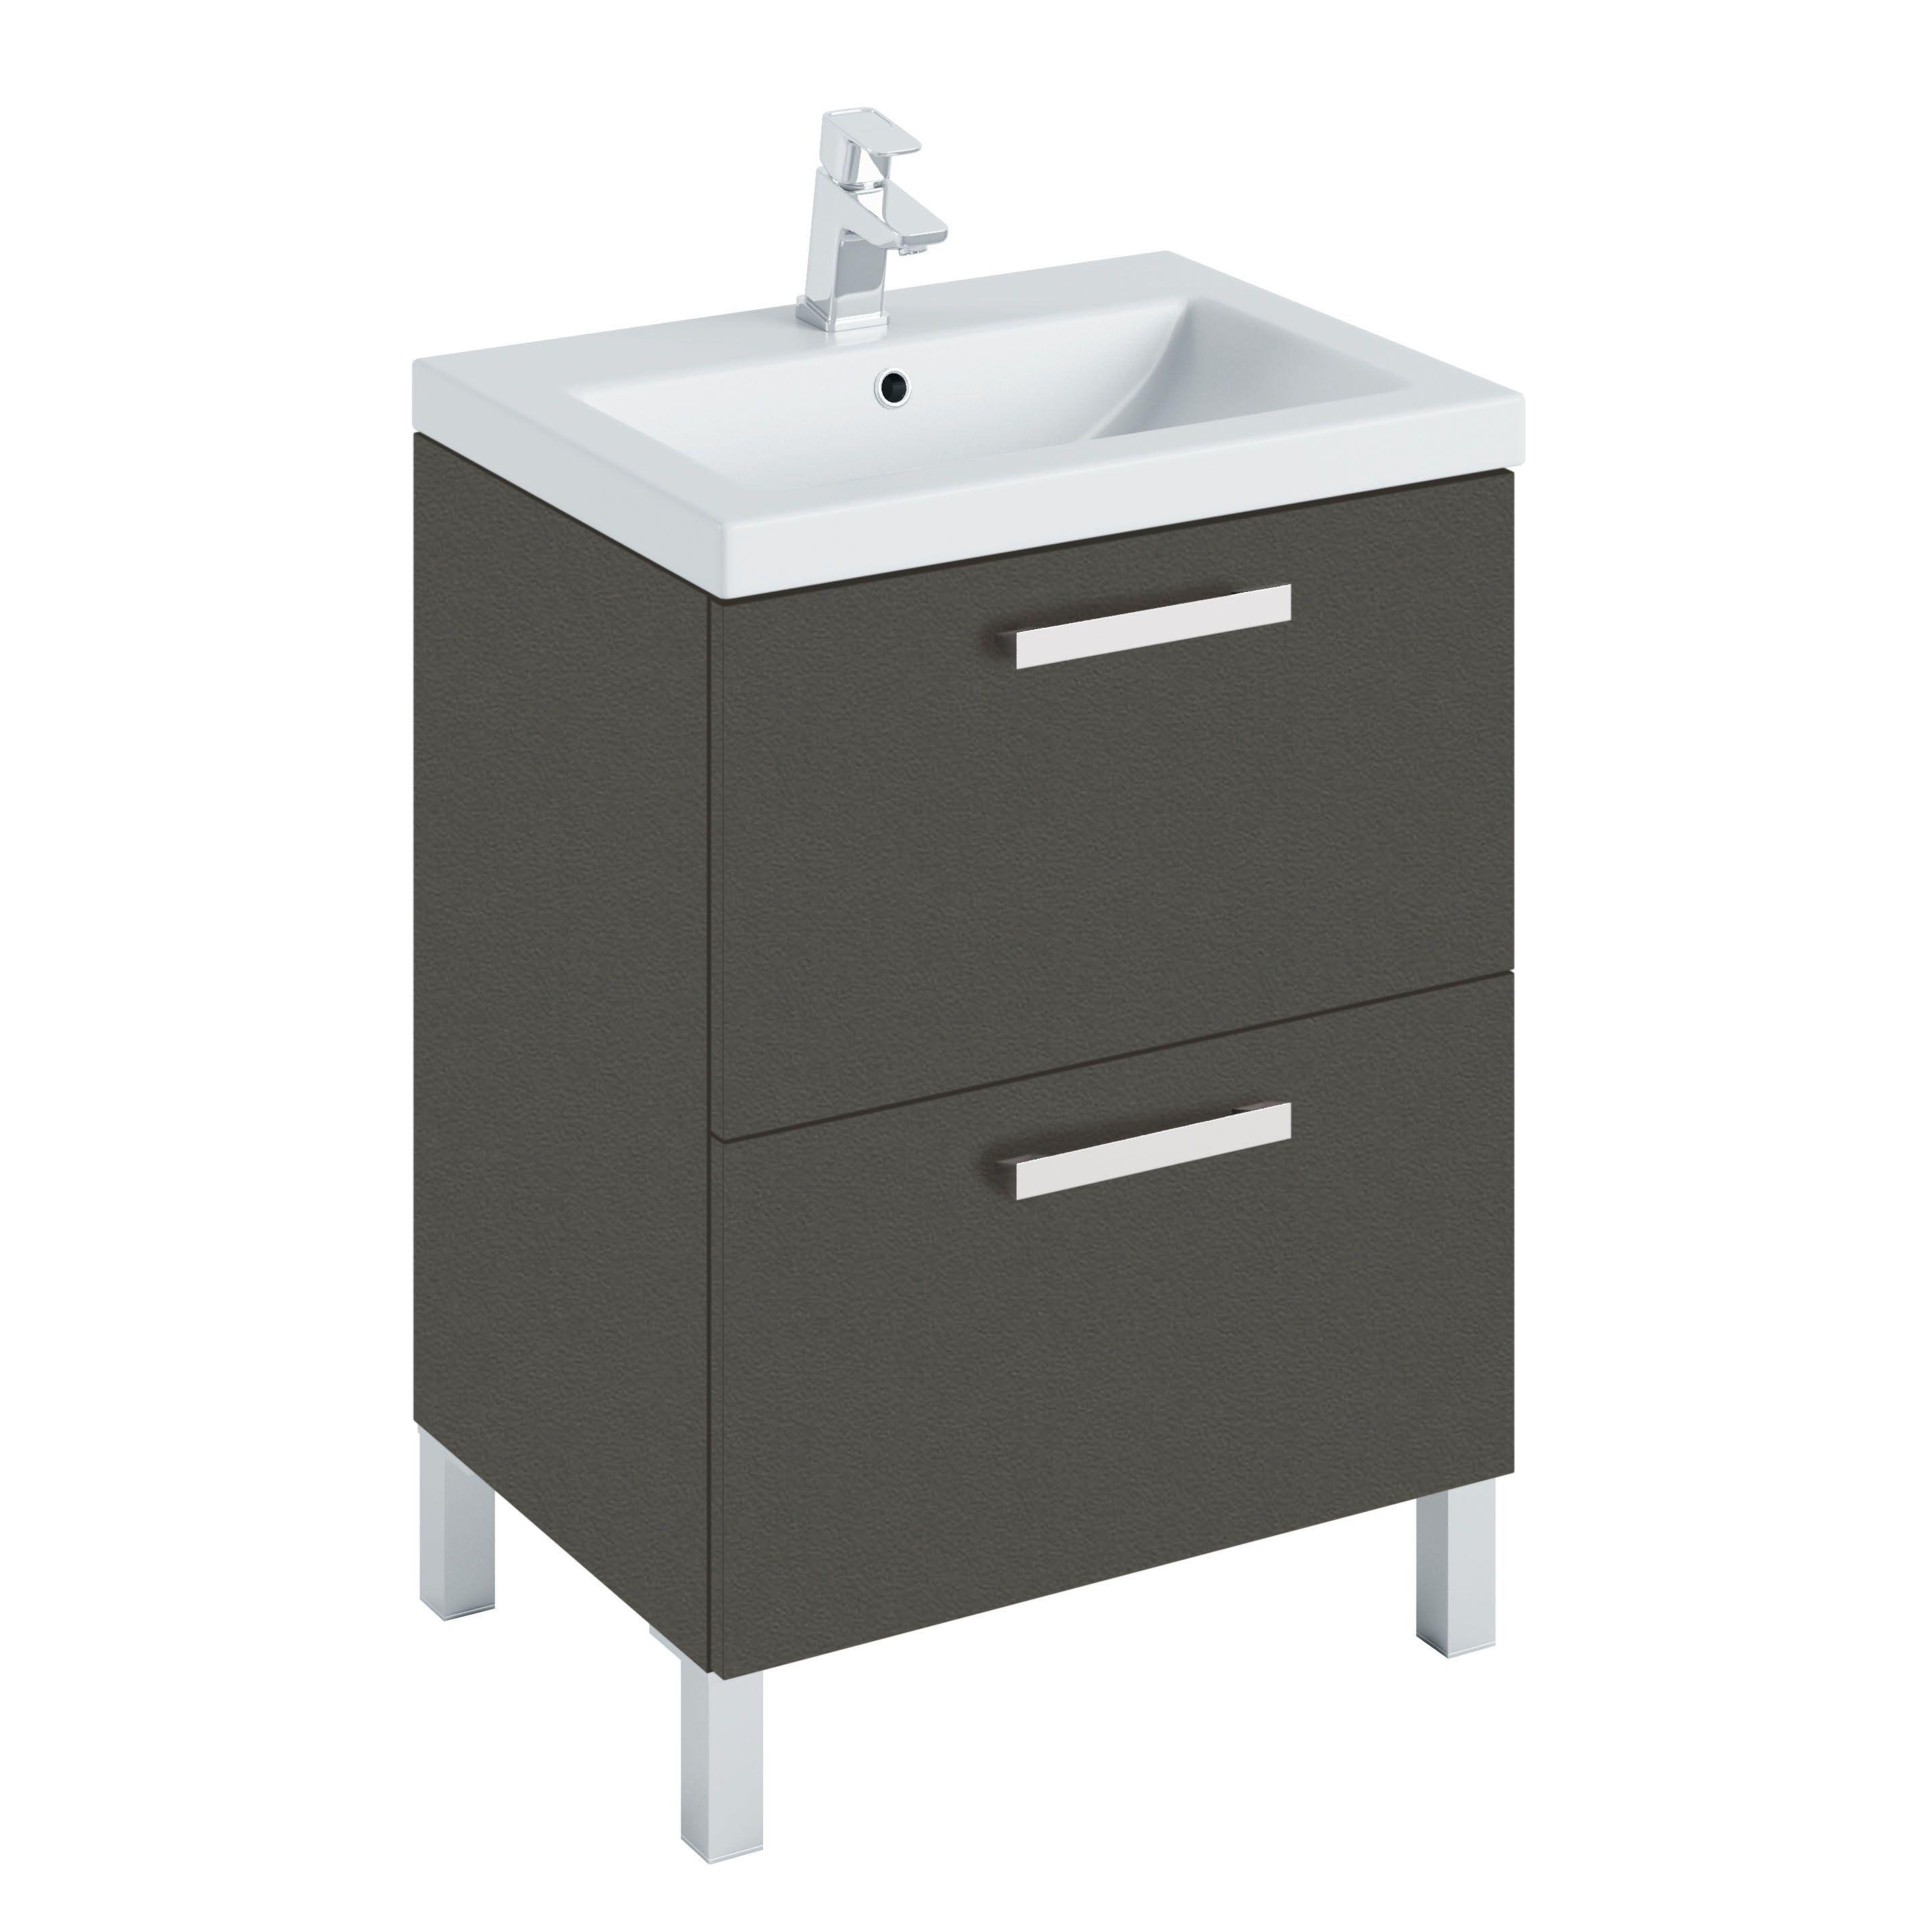 new product a9ffc a74a9 Cooke & Lewis Romana Matt Grey Vanity Unit & Basin Set   Departments   DIY  at B&Q